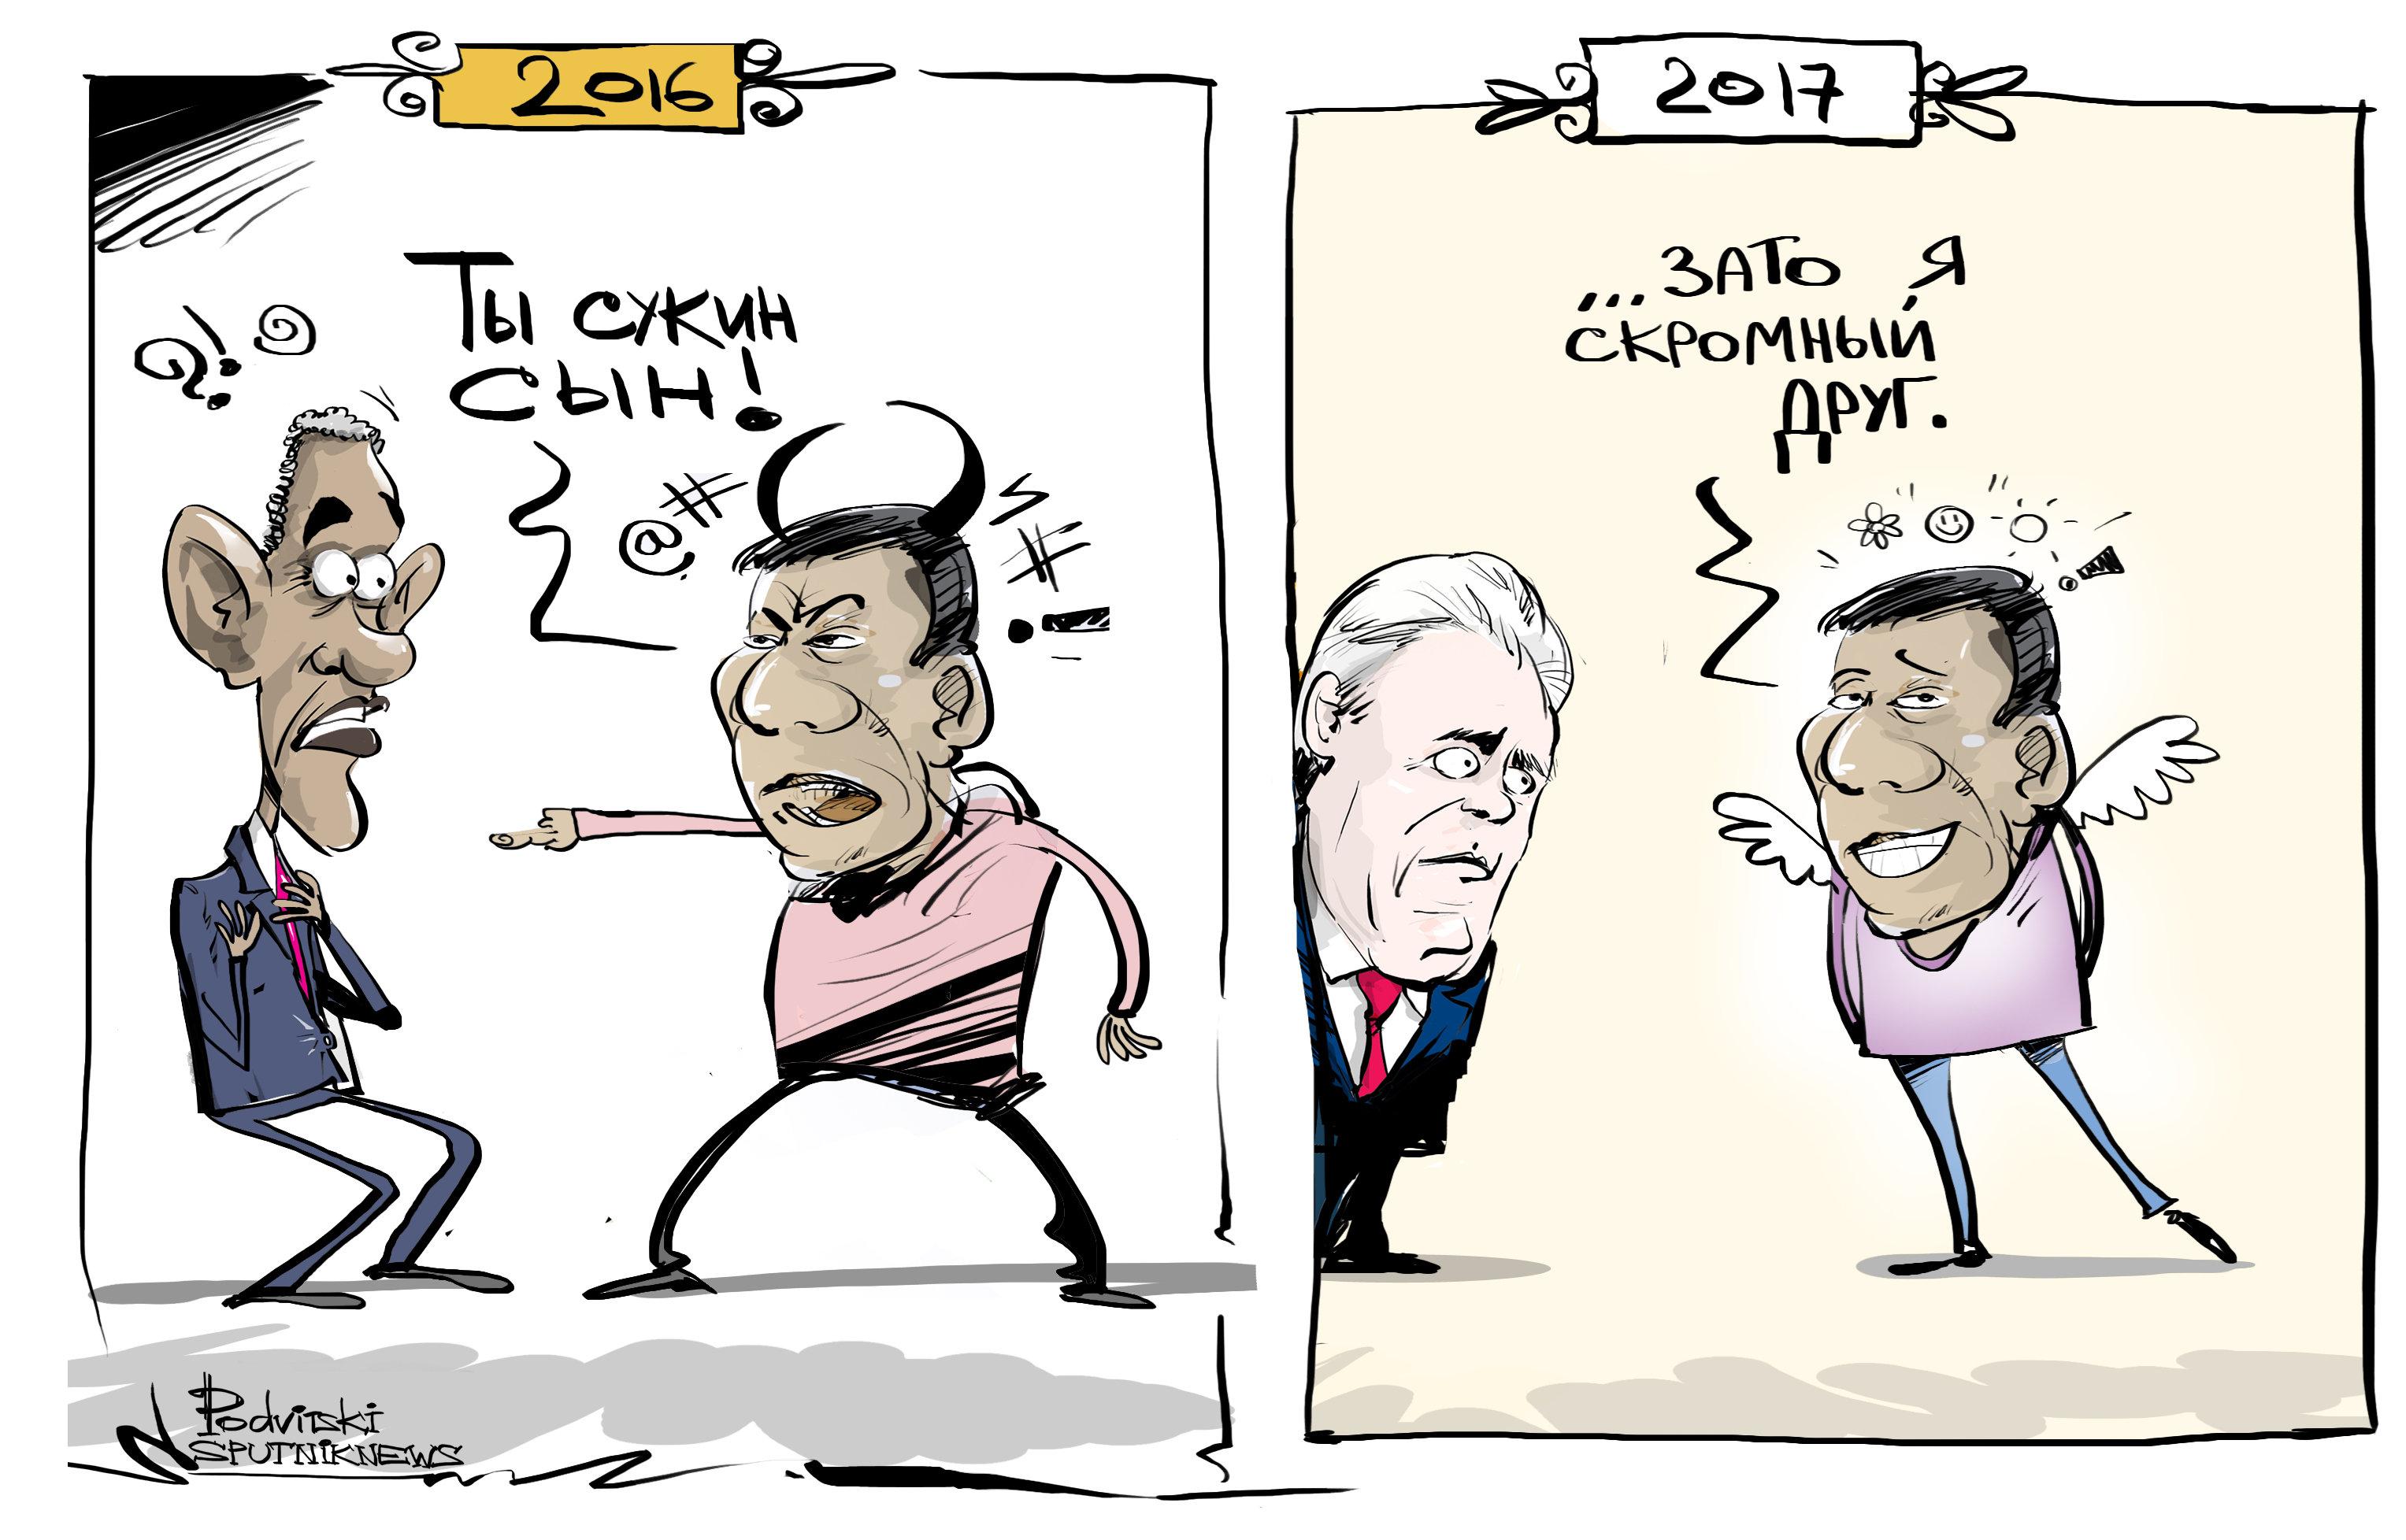 Трамп Обаме не товарищ?